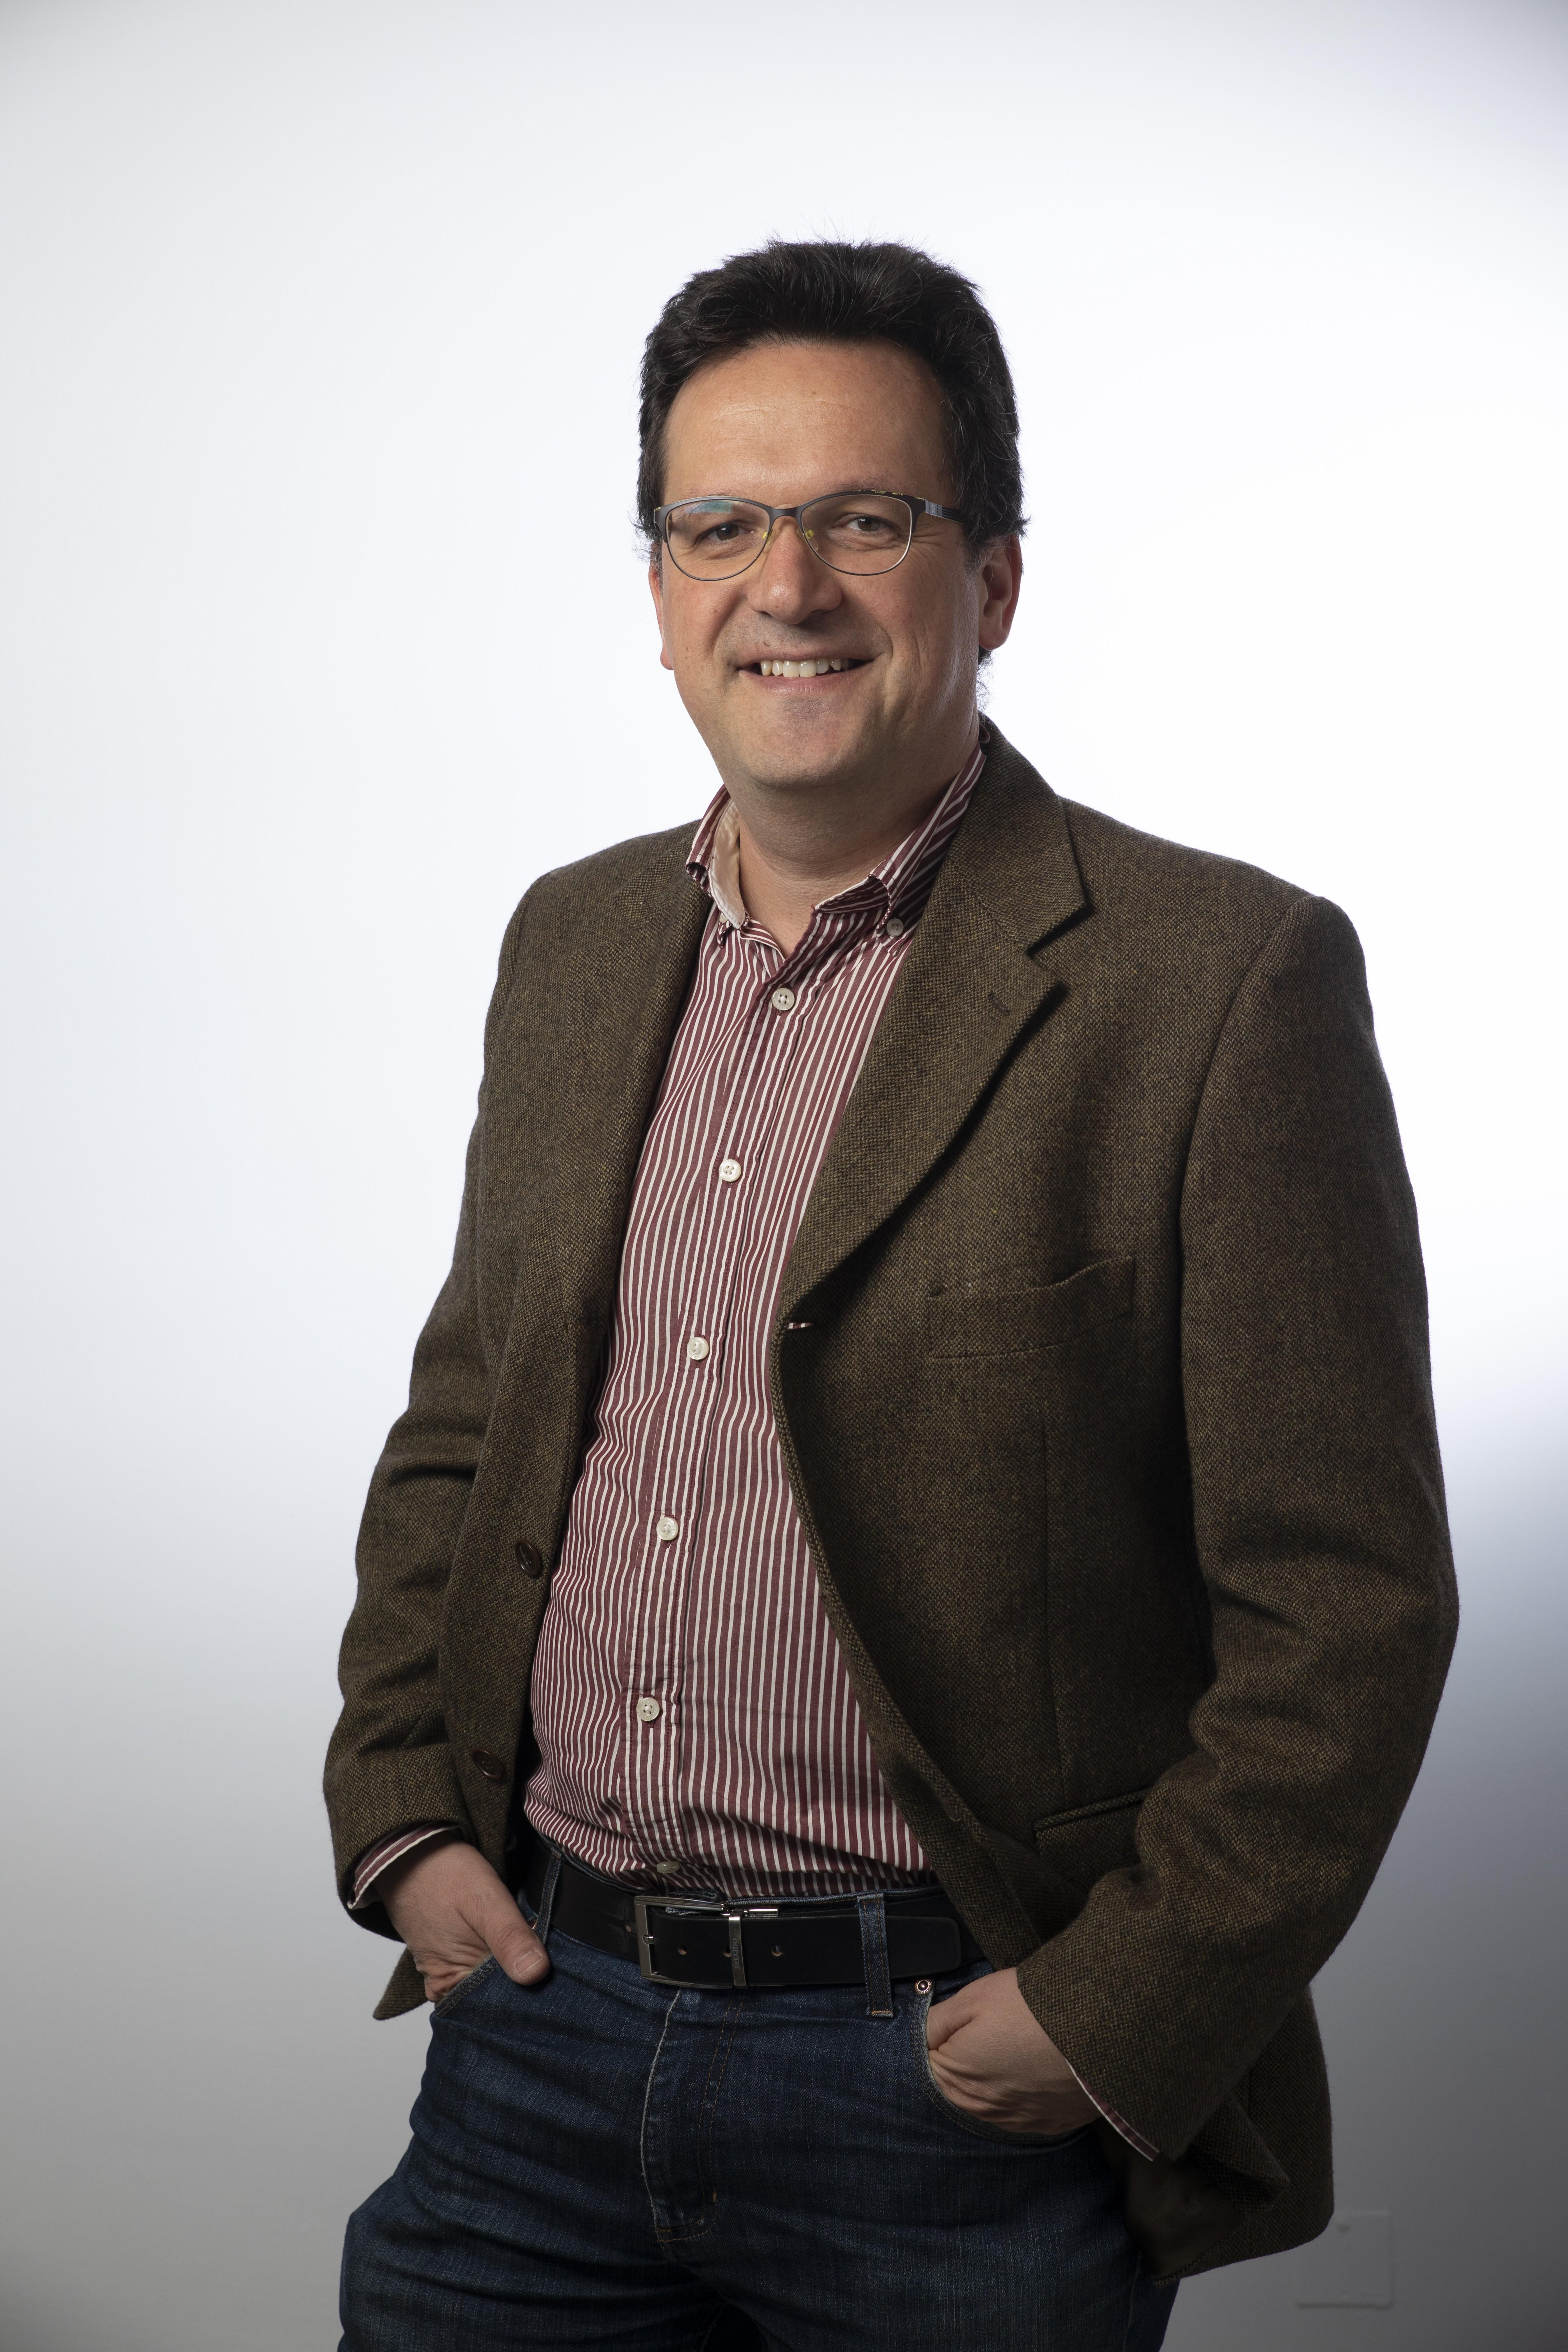 Francisco Lopez Montesdeoca